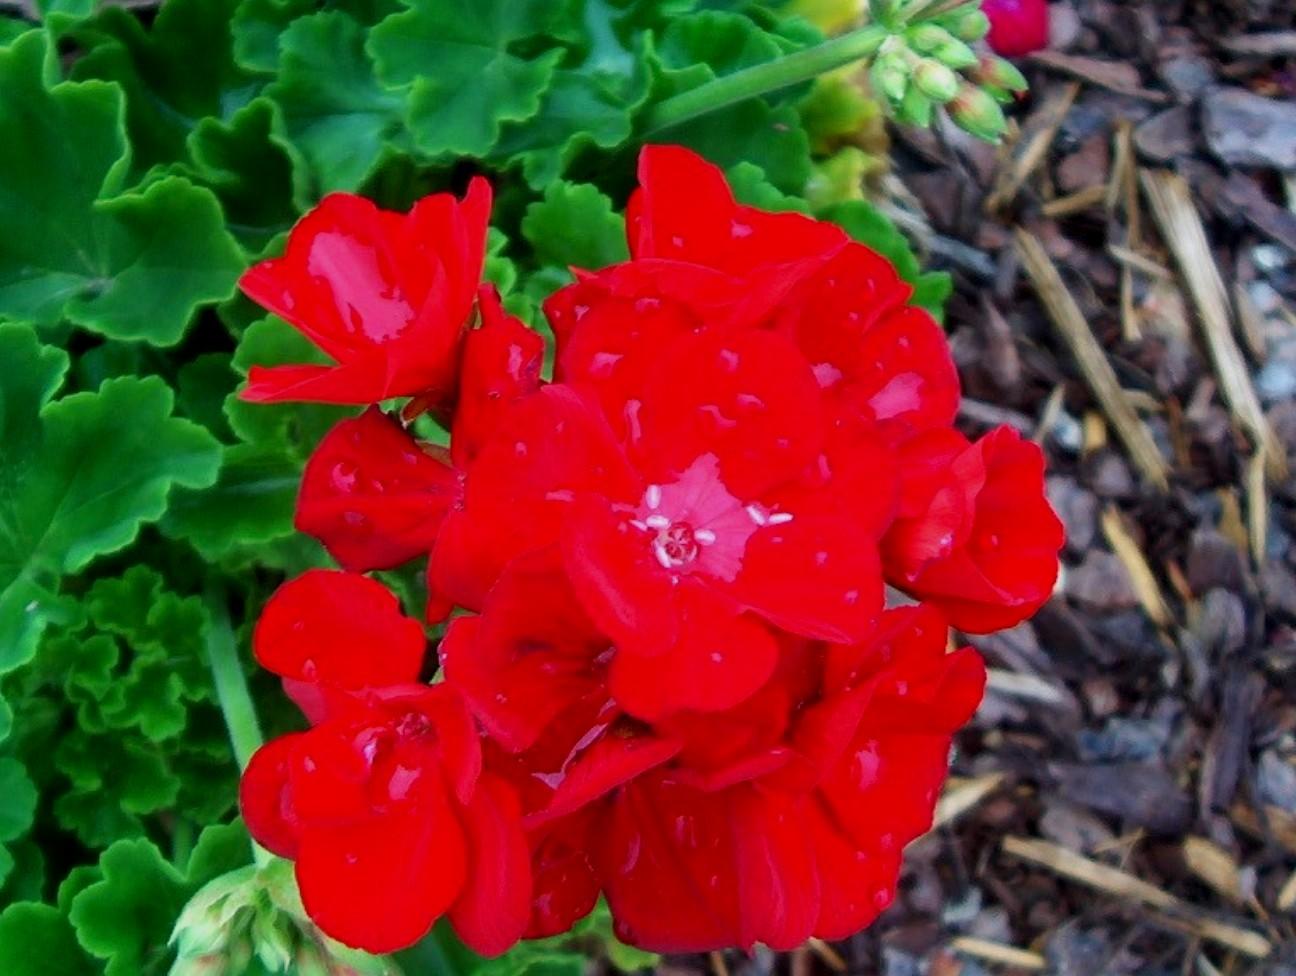 Pelargonium hortorum 'Americana Dark Red' / Pelargonium hortorum 'Americana Dark Red'